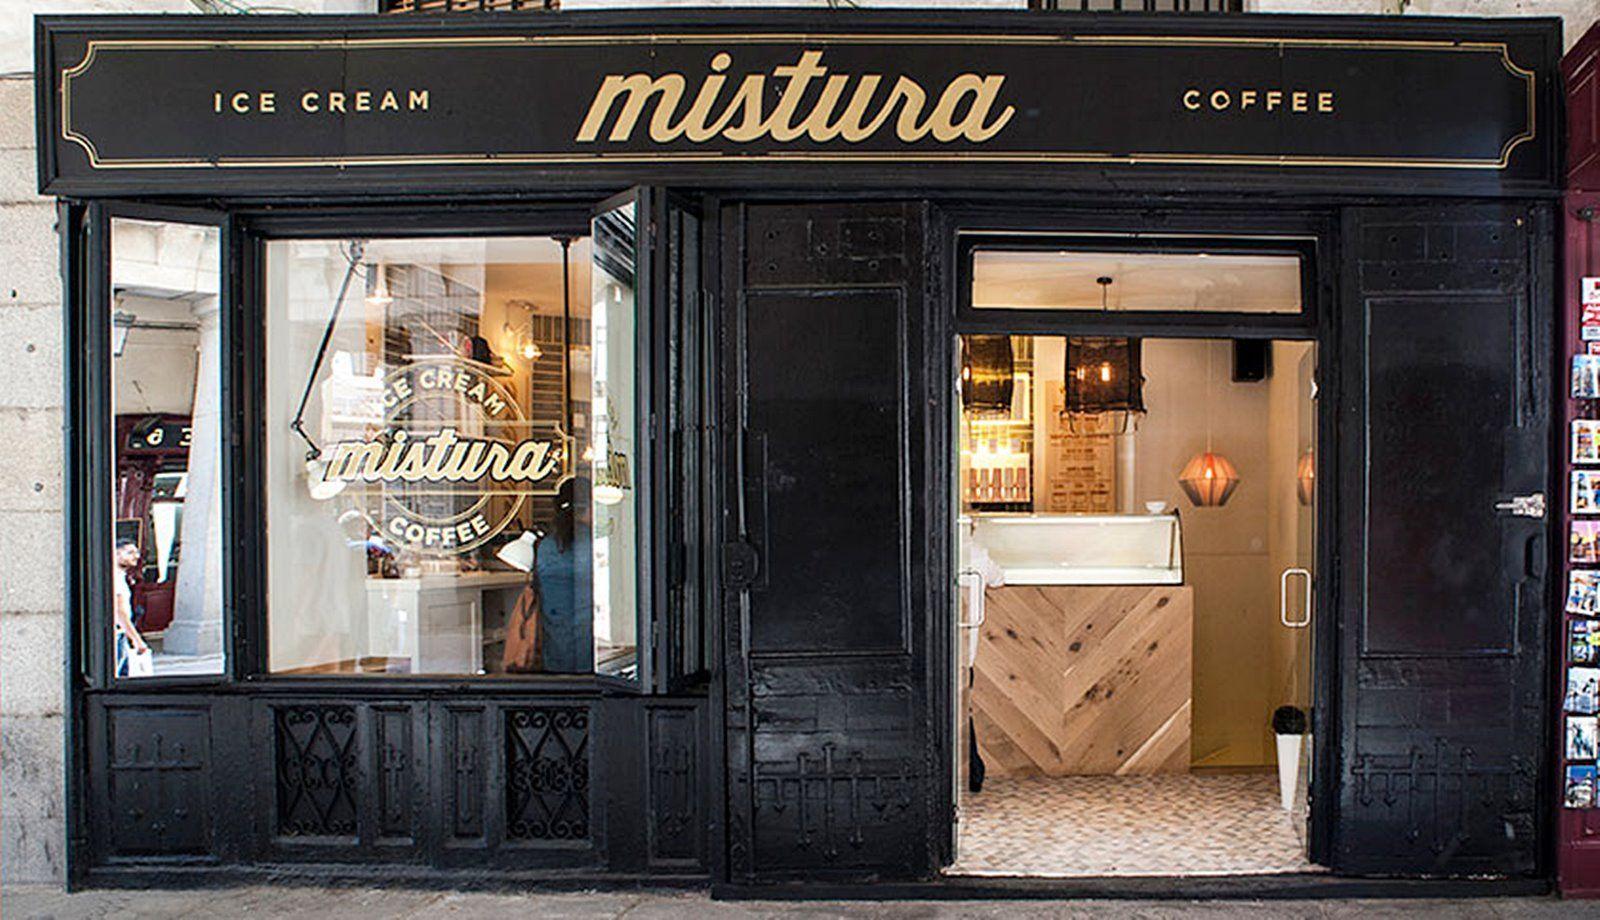 Fachada de estilo industrial clásico neoyorkino de la heladería Mistura en Madrid